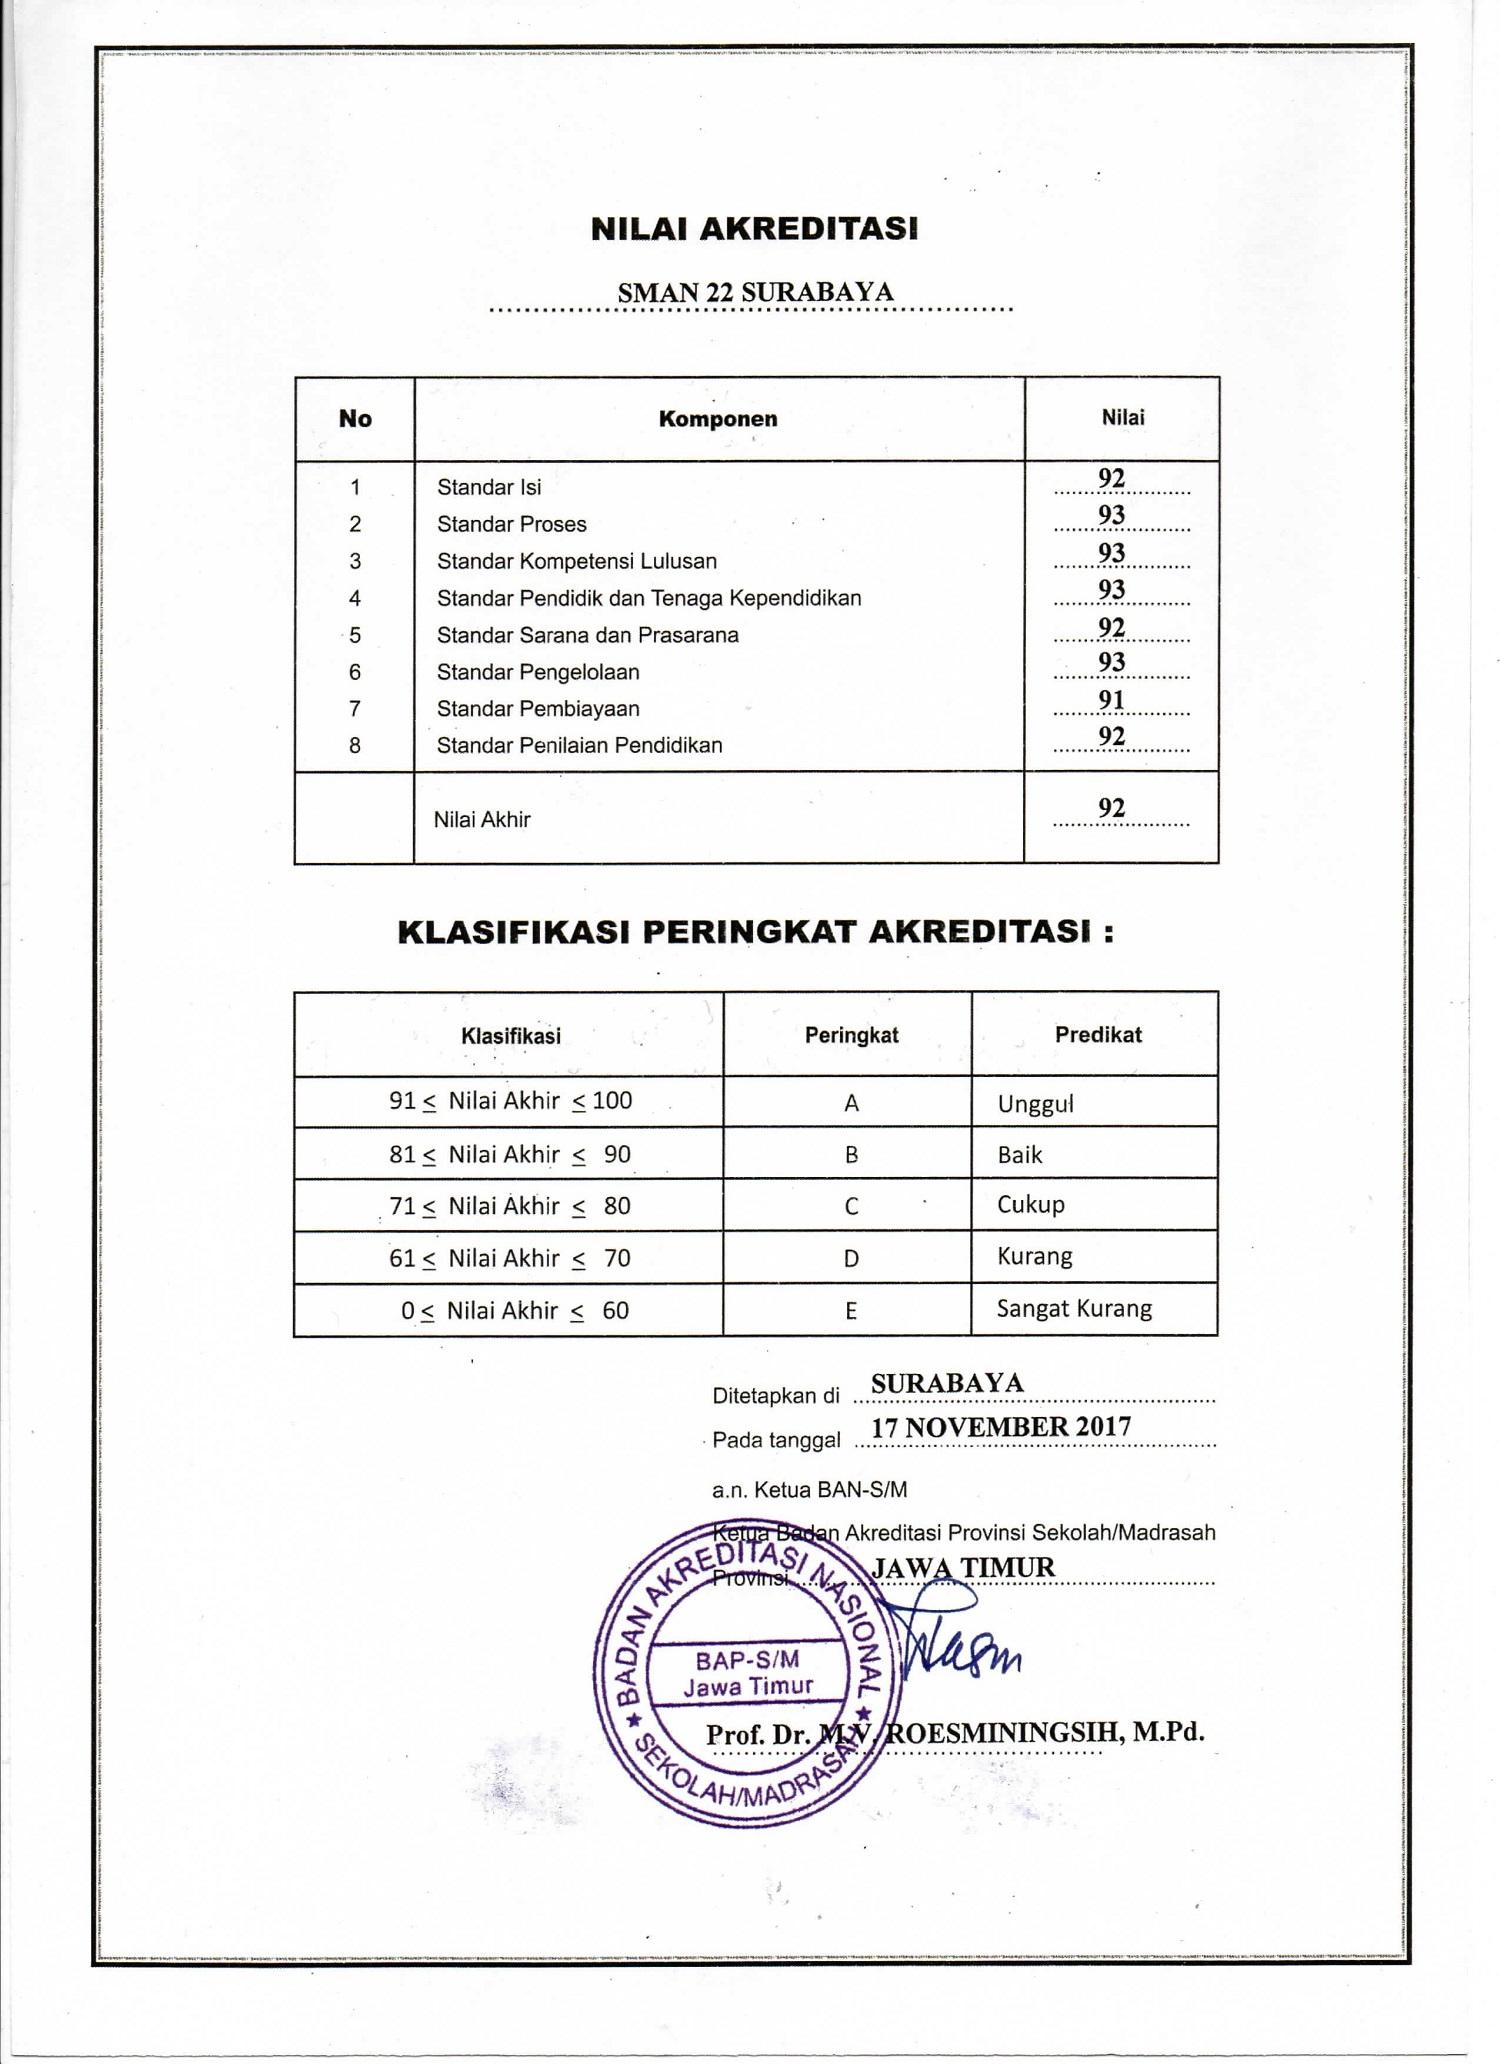 akreditasi sman 22 surabaya